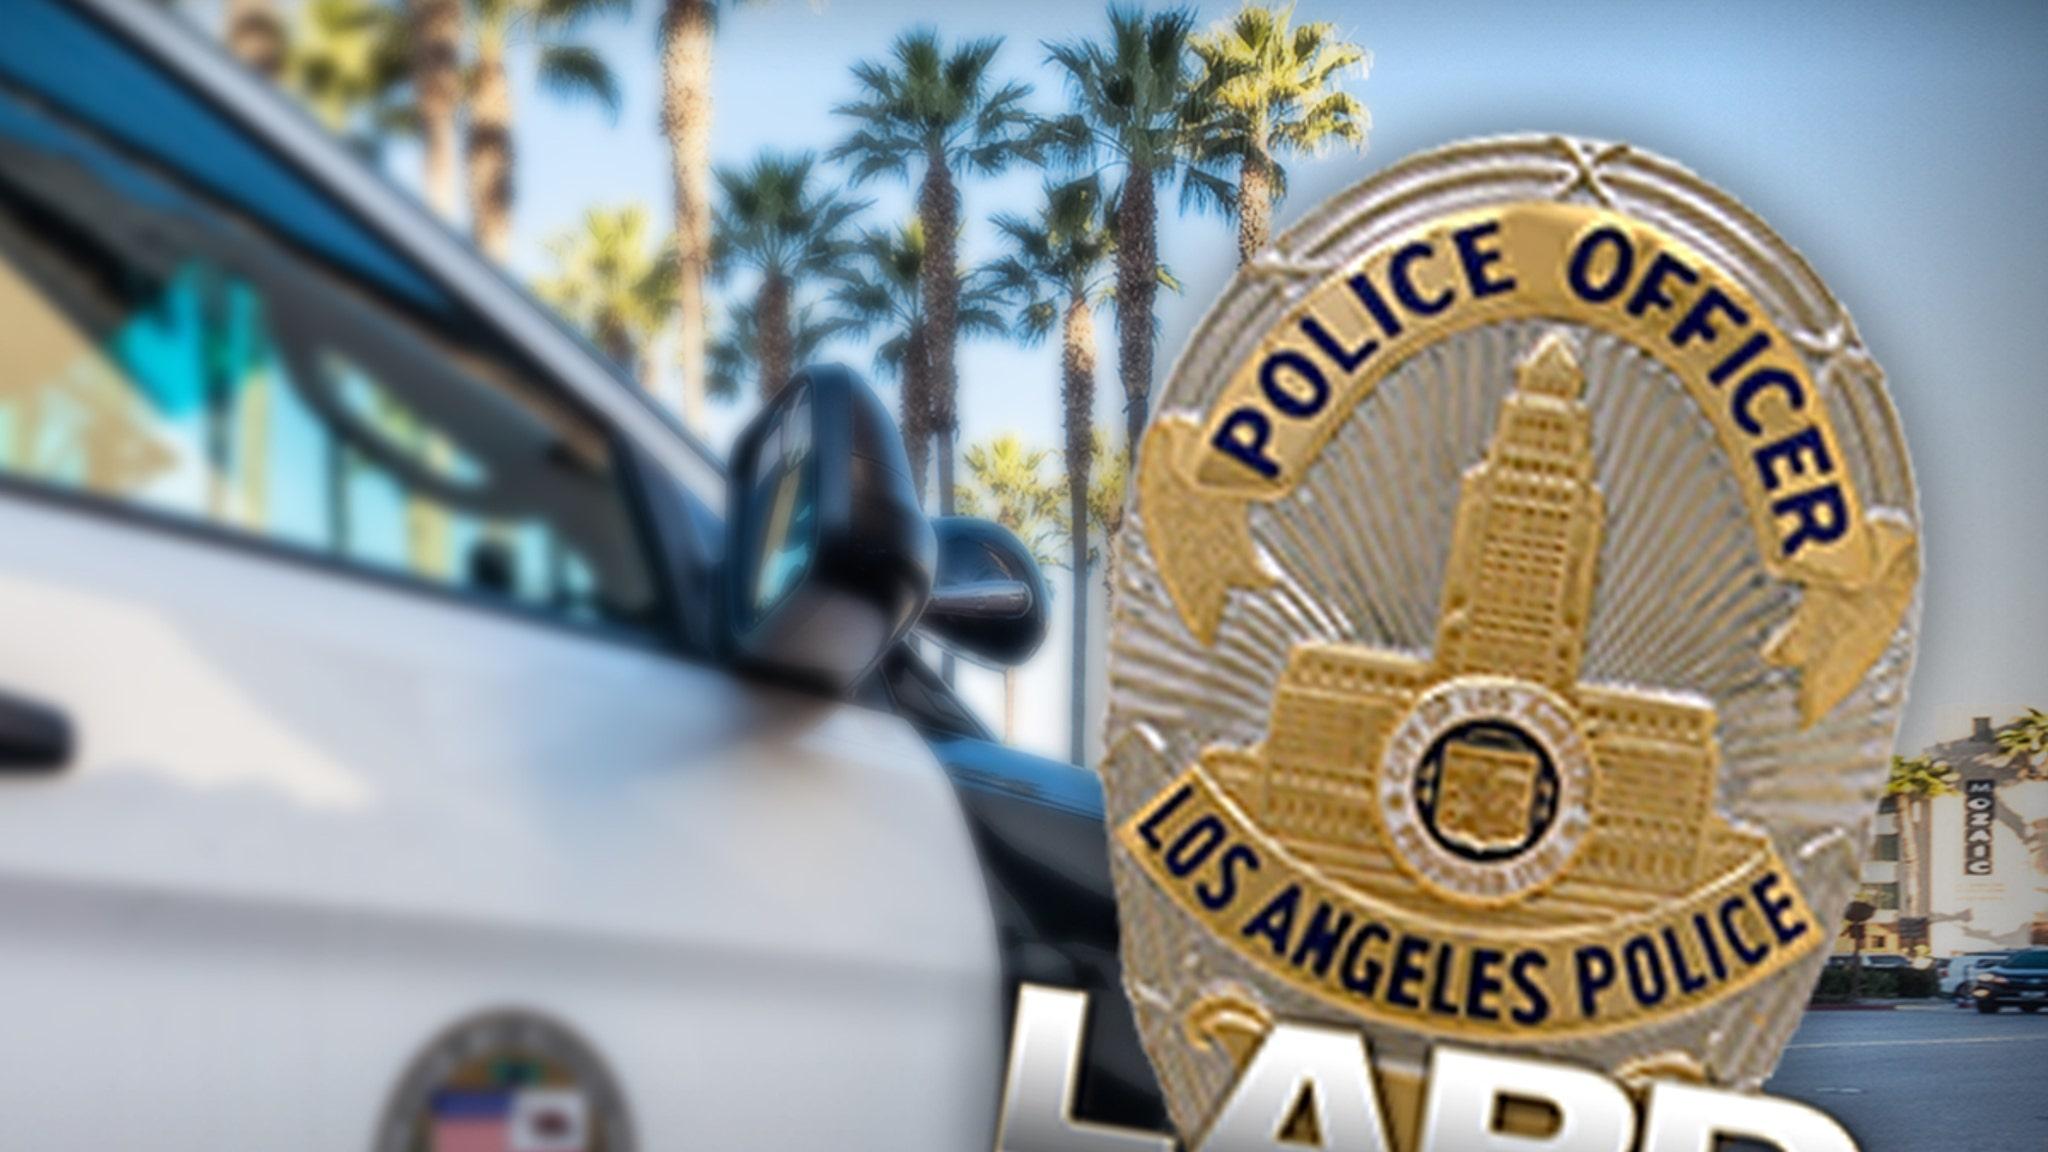 По словам полицейских, потеря отдела по борьбе с сексуальными преступлениями в полиции Лос-Анджелеса повлияла на громкие дела